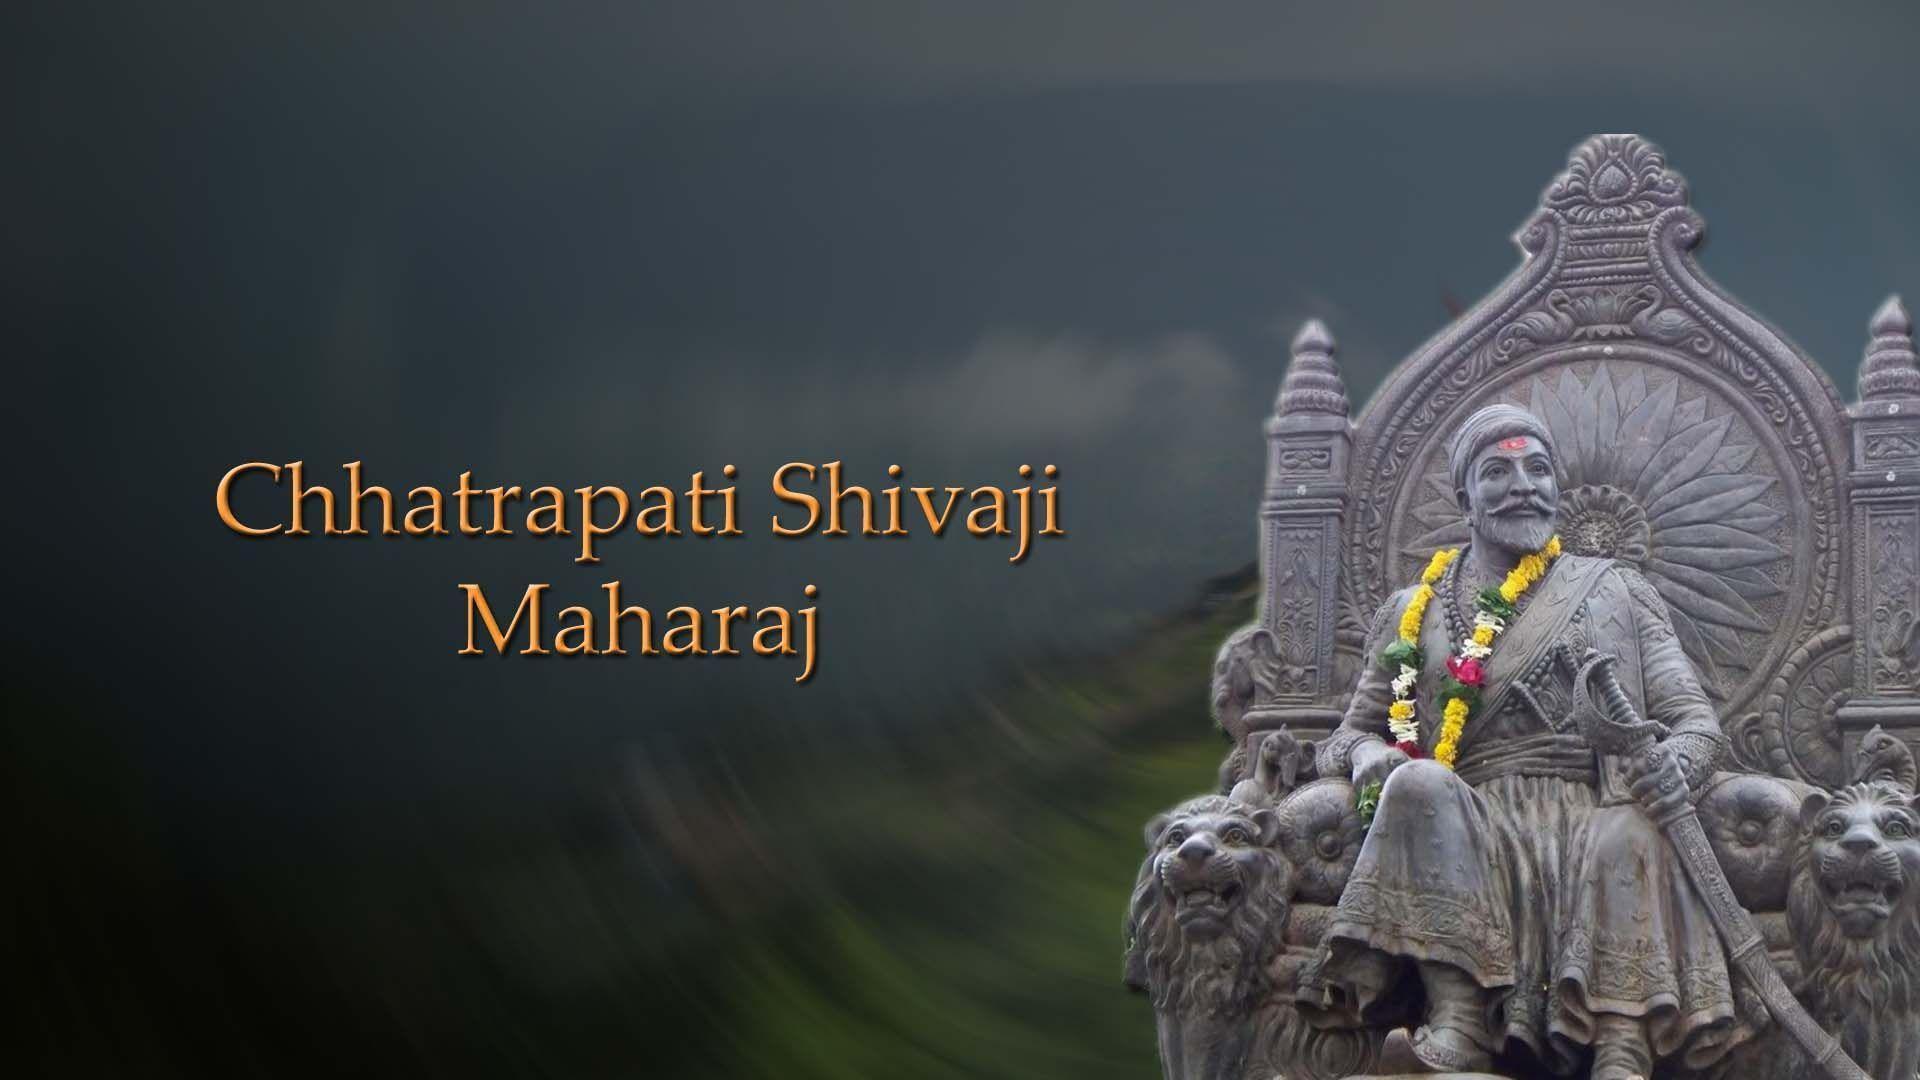 shivaji maharaj hd desktop wallpapers wallpaper cave